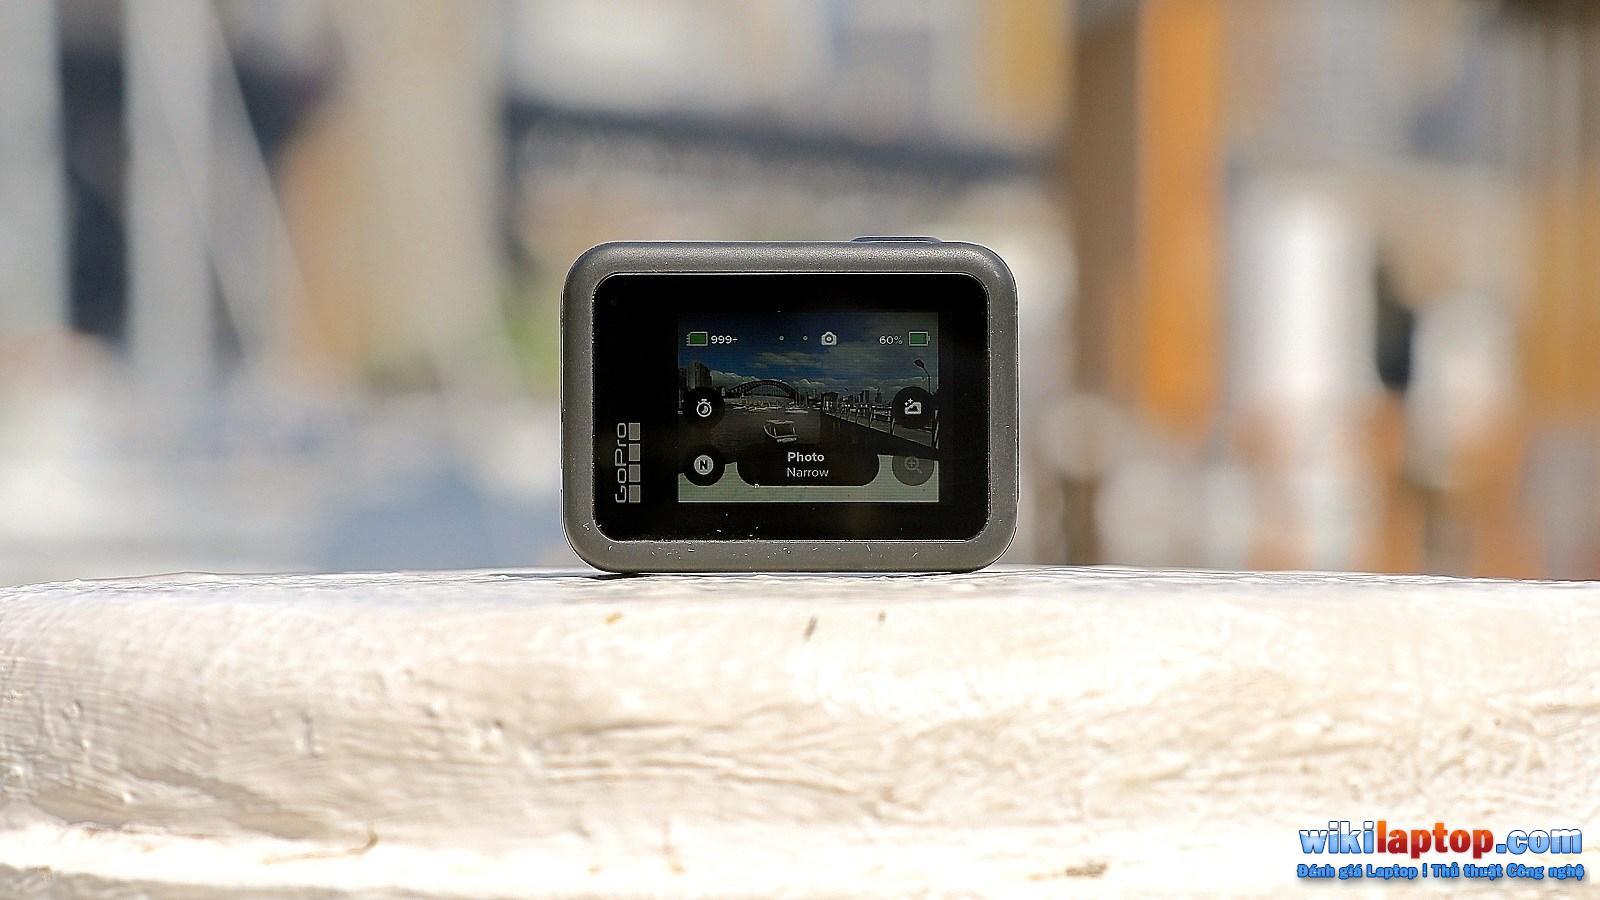 Sforum - Trang thông tin công nghệ mới nhất GO-4 Đánh giá GoPro Hero 8 Black: Cải tiến hiện đại, chống rung tốt, ghi âm tốt, tùy chỉnh theo nhu cầu của người dùng